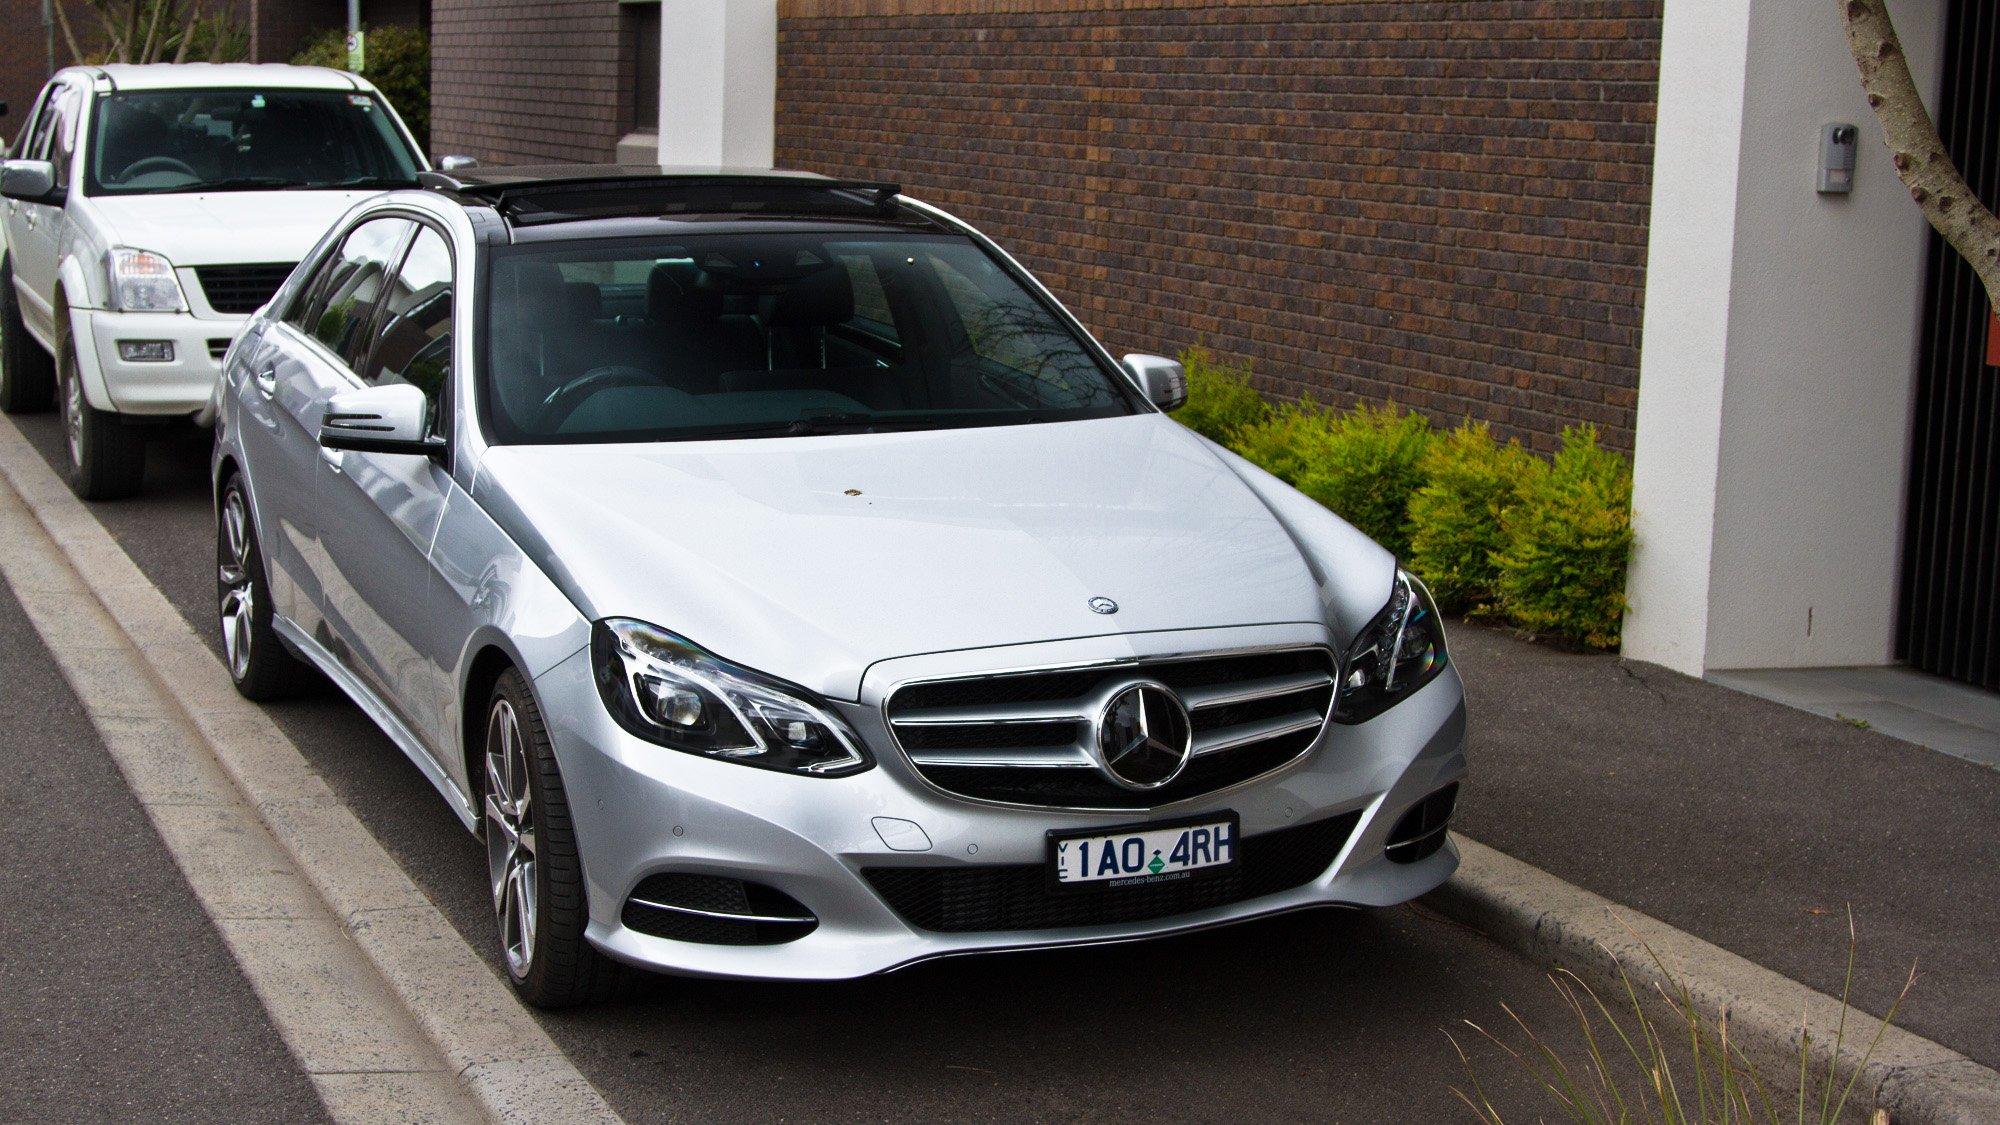 Mercedes-Benz E300 Bluetec Hybrid Review | CarAdvice